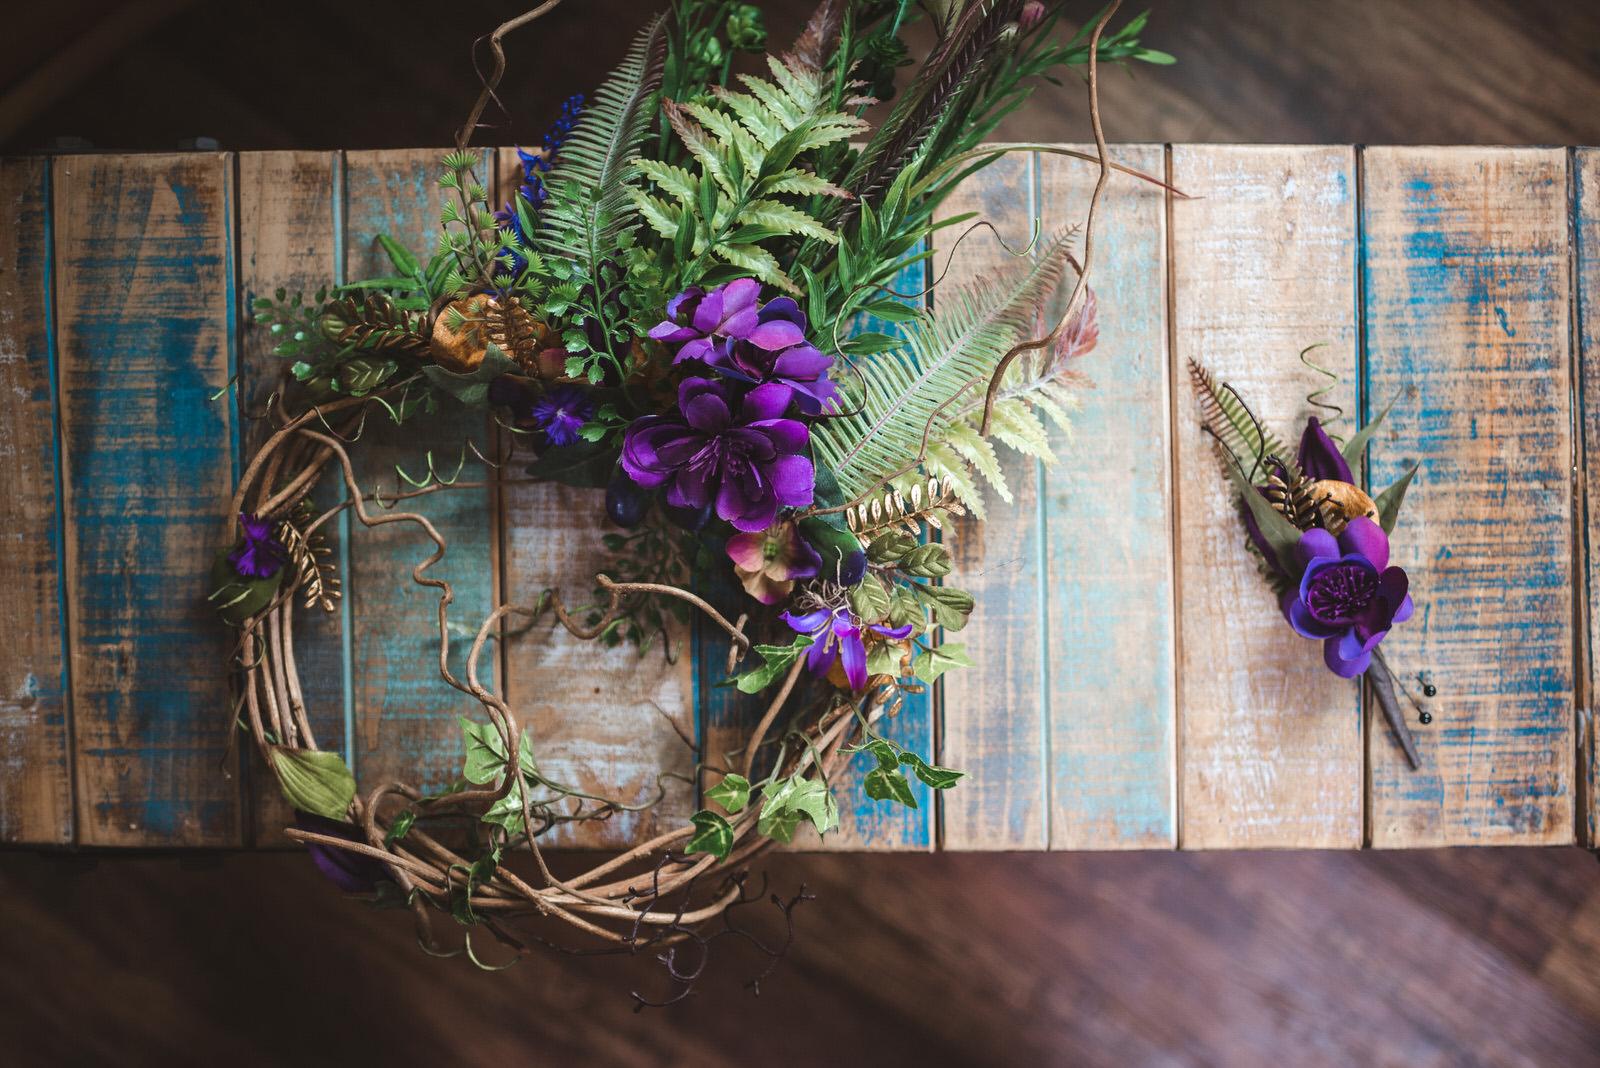 details-hocking-hills-ohio-wedding-elopement